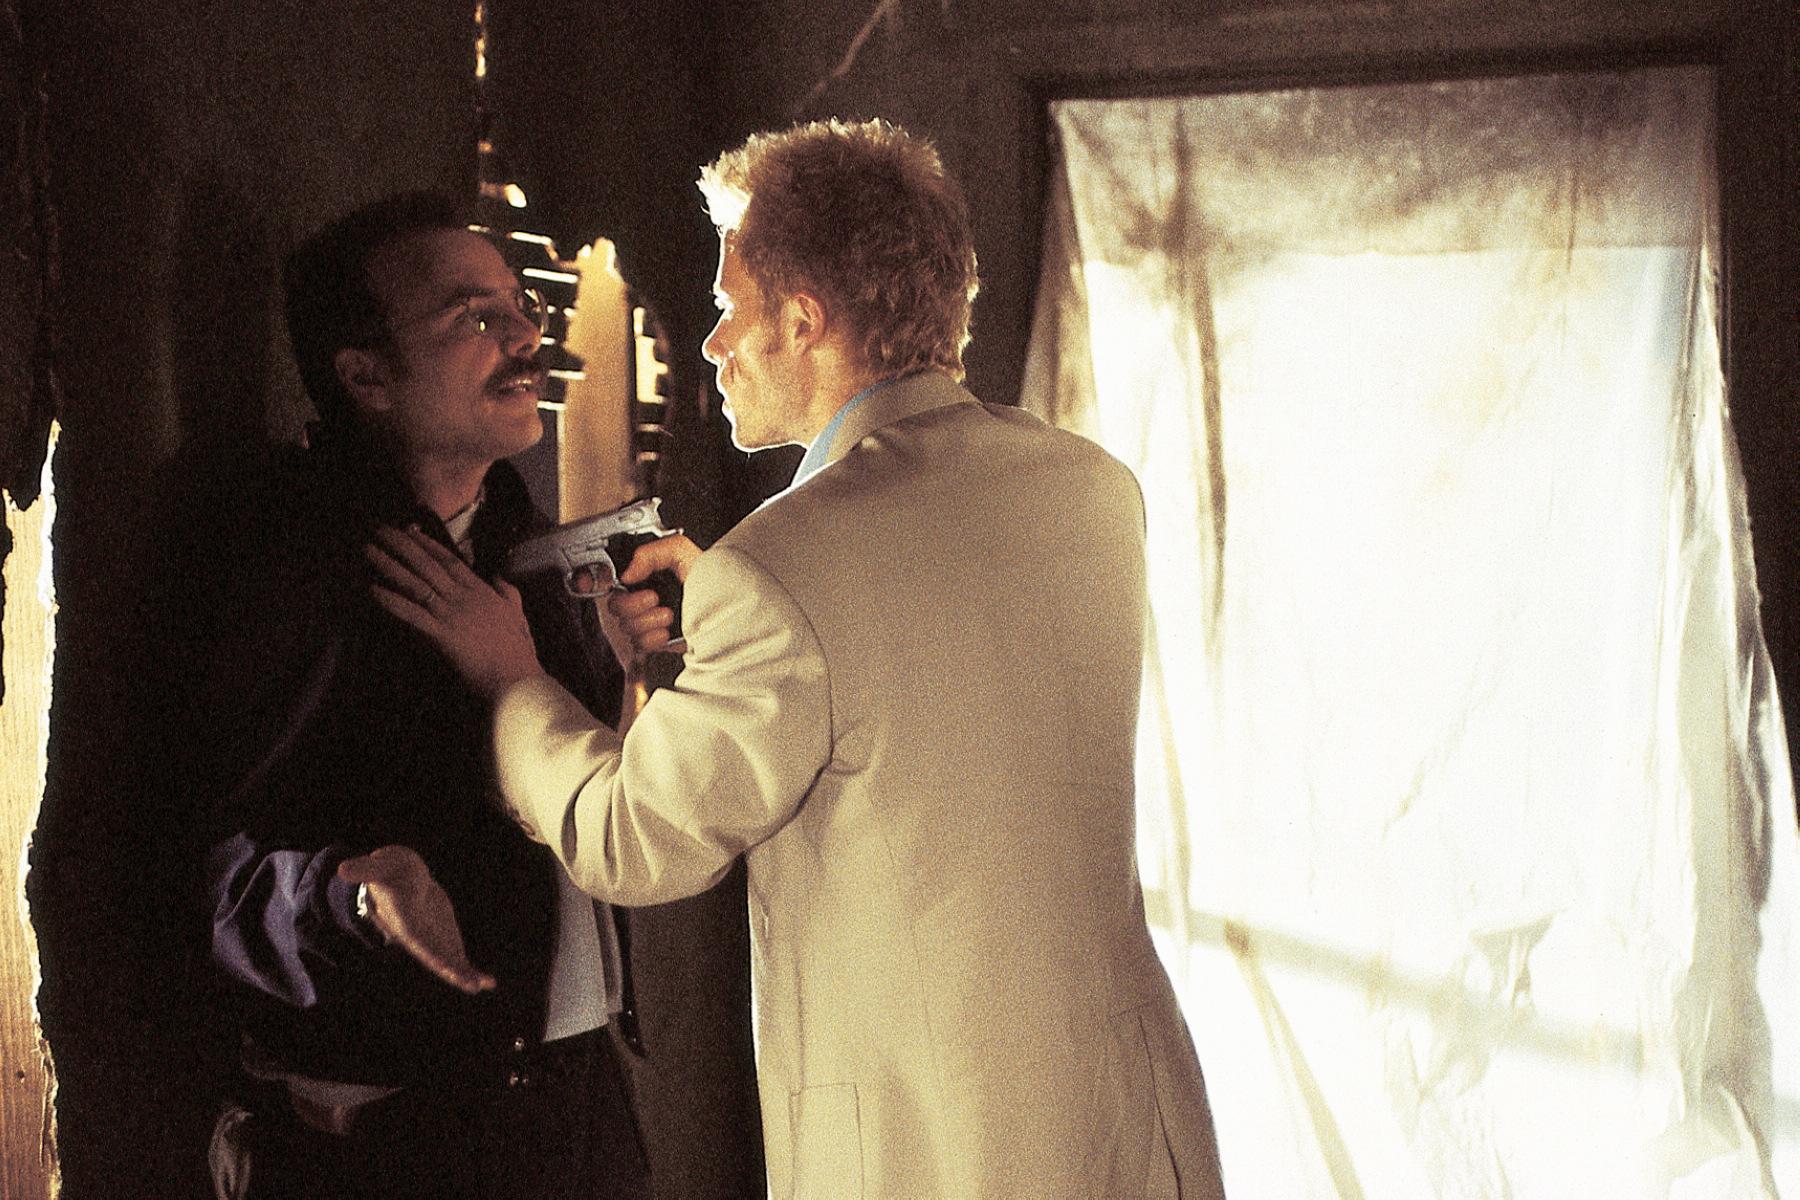 本片由蓋皮爾斯(右)、喬潘托利亞諾(左)等人領銜主演